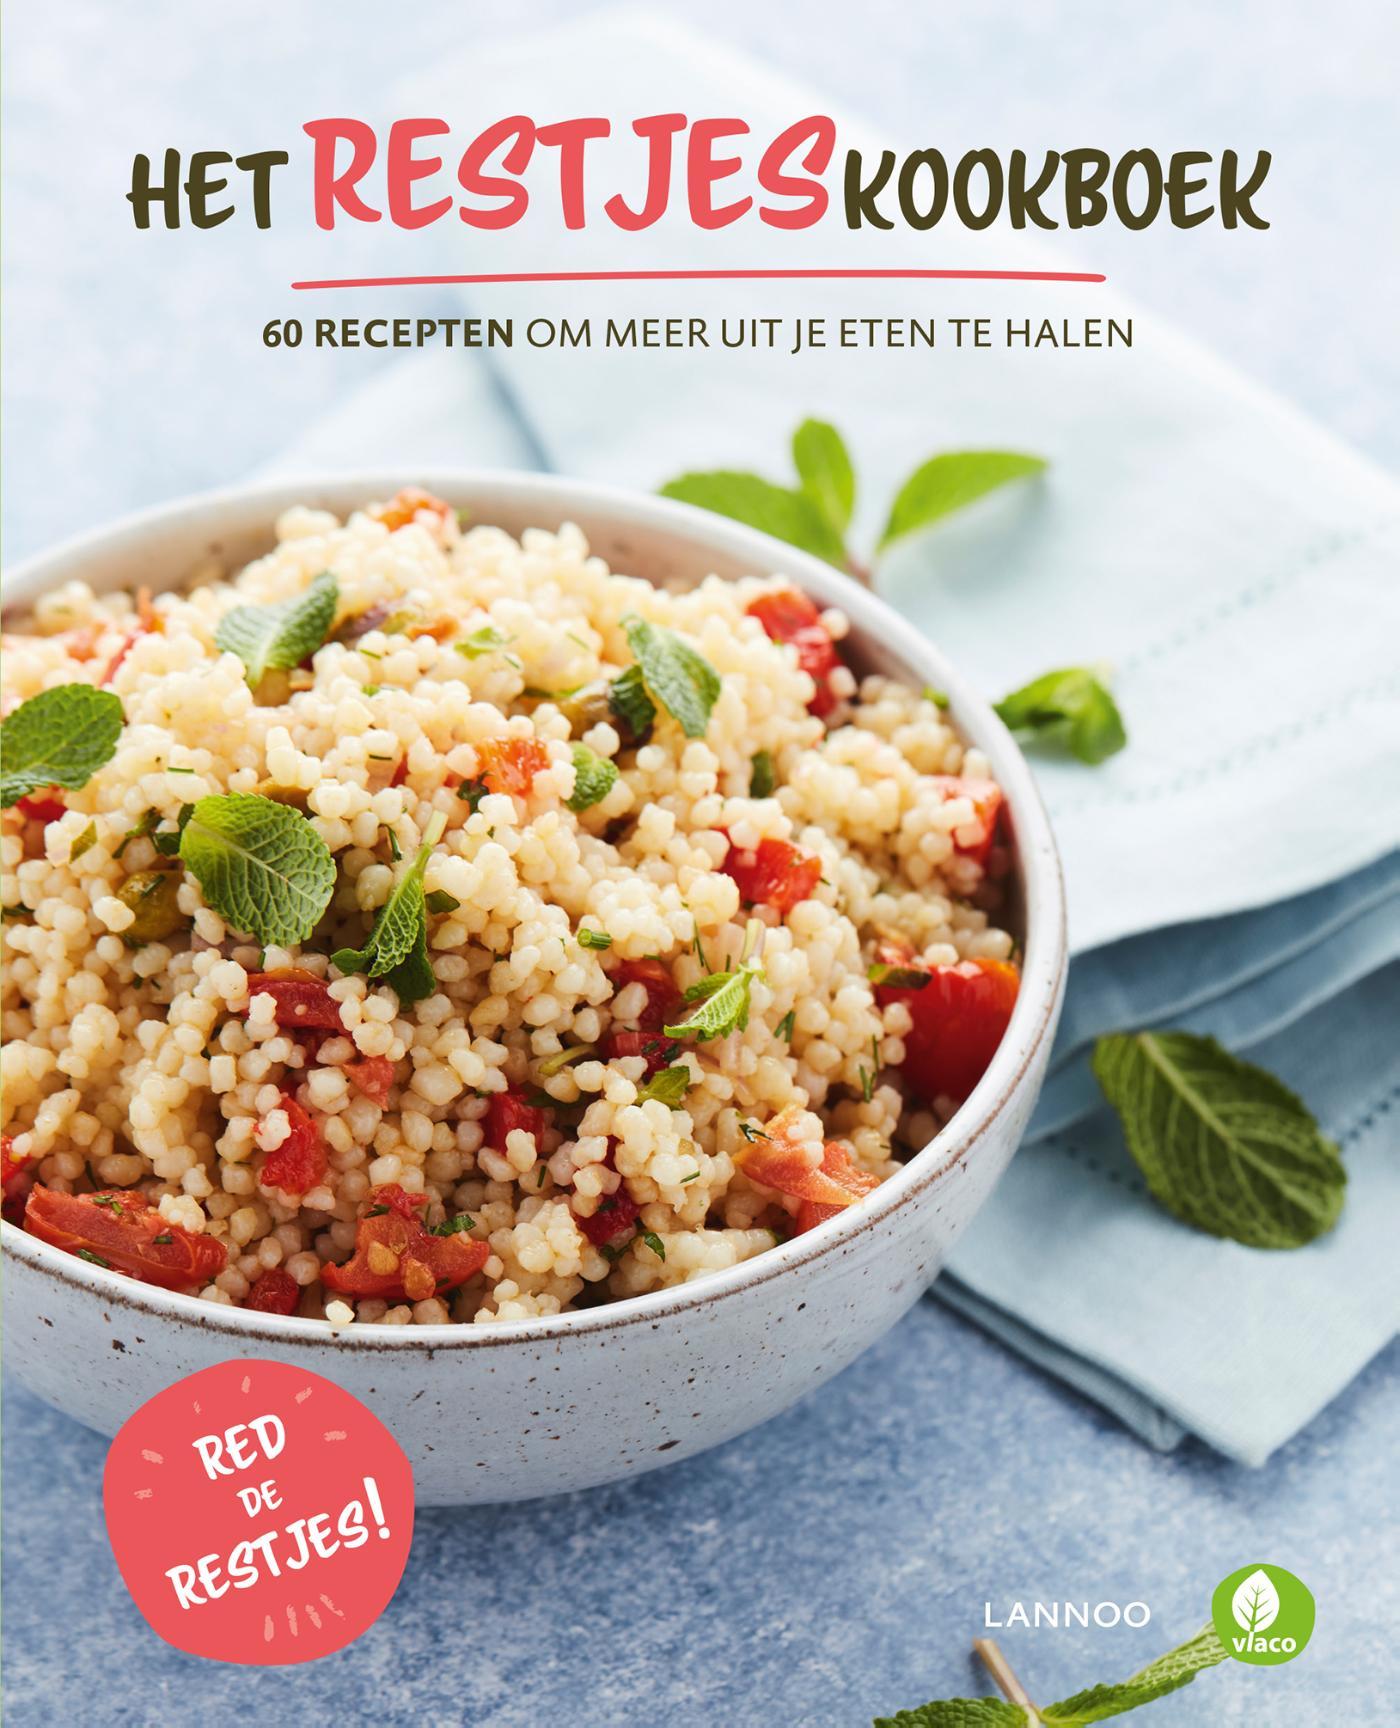 Cover Het restjeskookboek